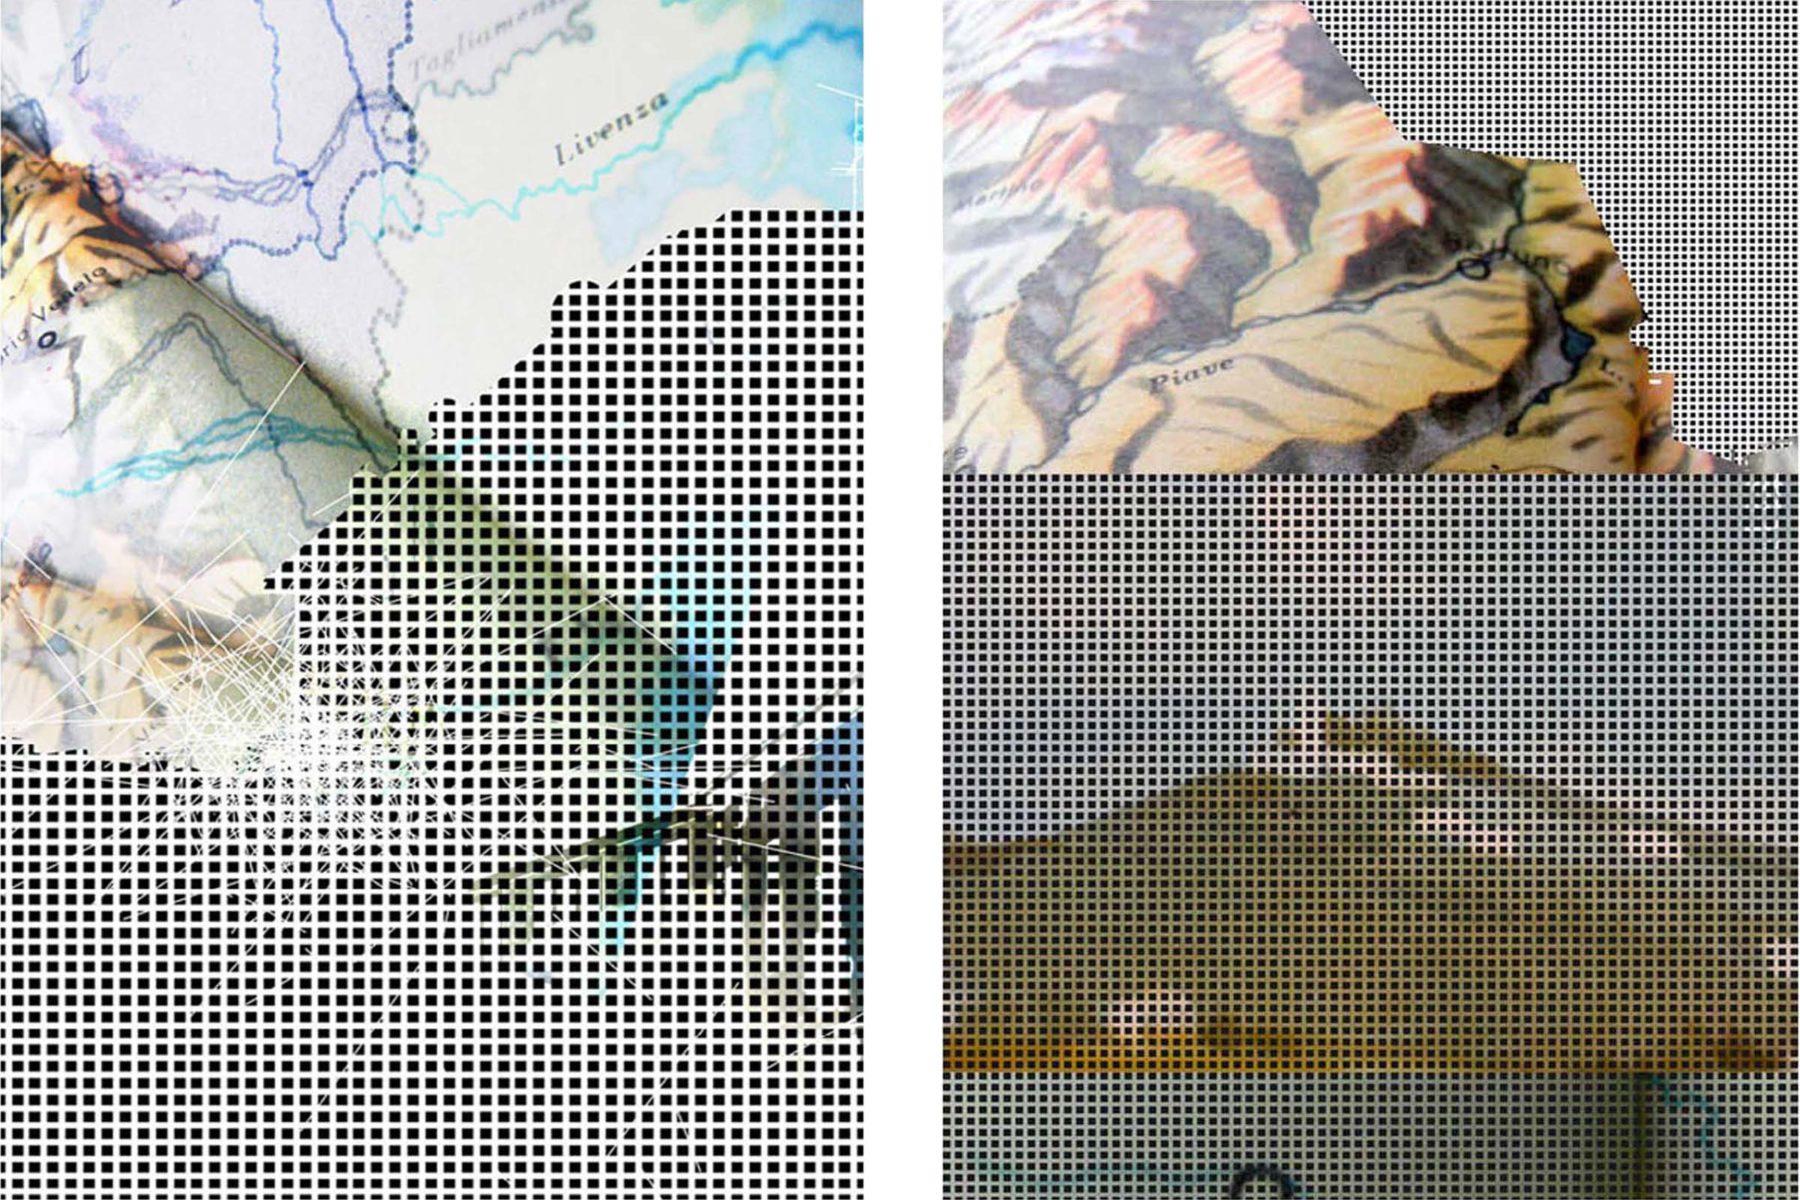 G. Dell'Antonia, Mentre cammino si spostano i luoghi, 2008, lambda print on aluminium, 105 x 73 cm each